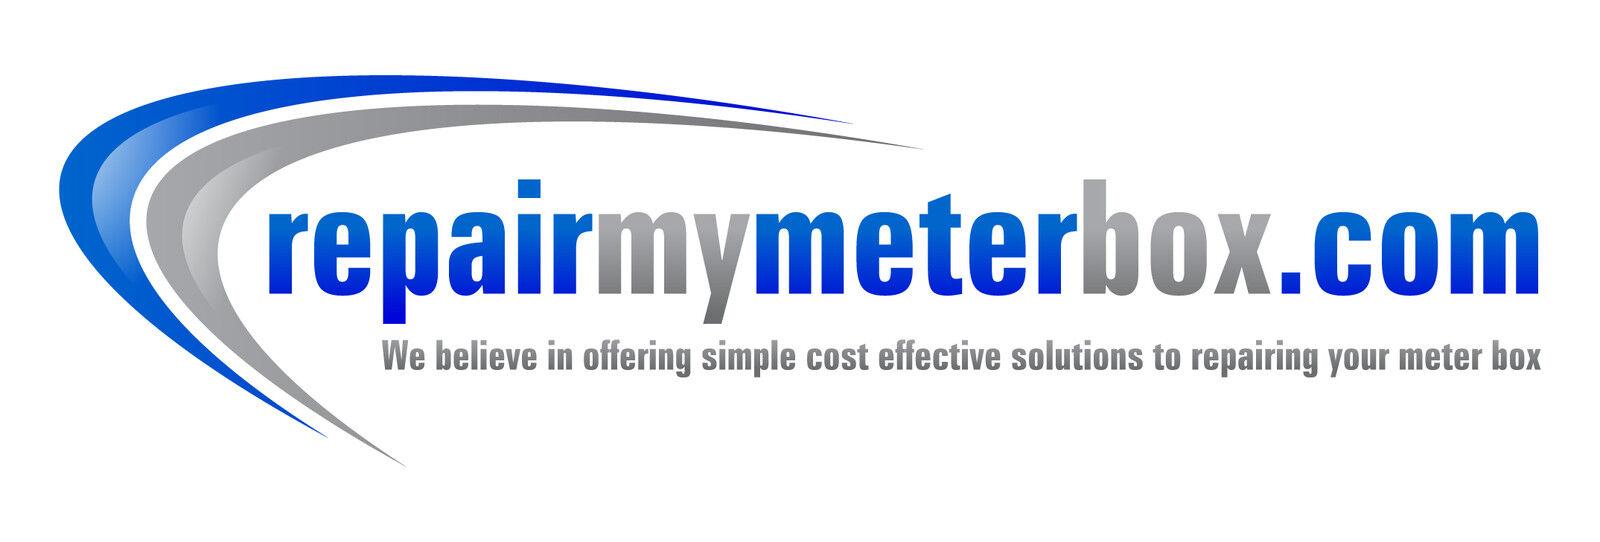 repairmymeterbox.com